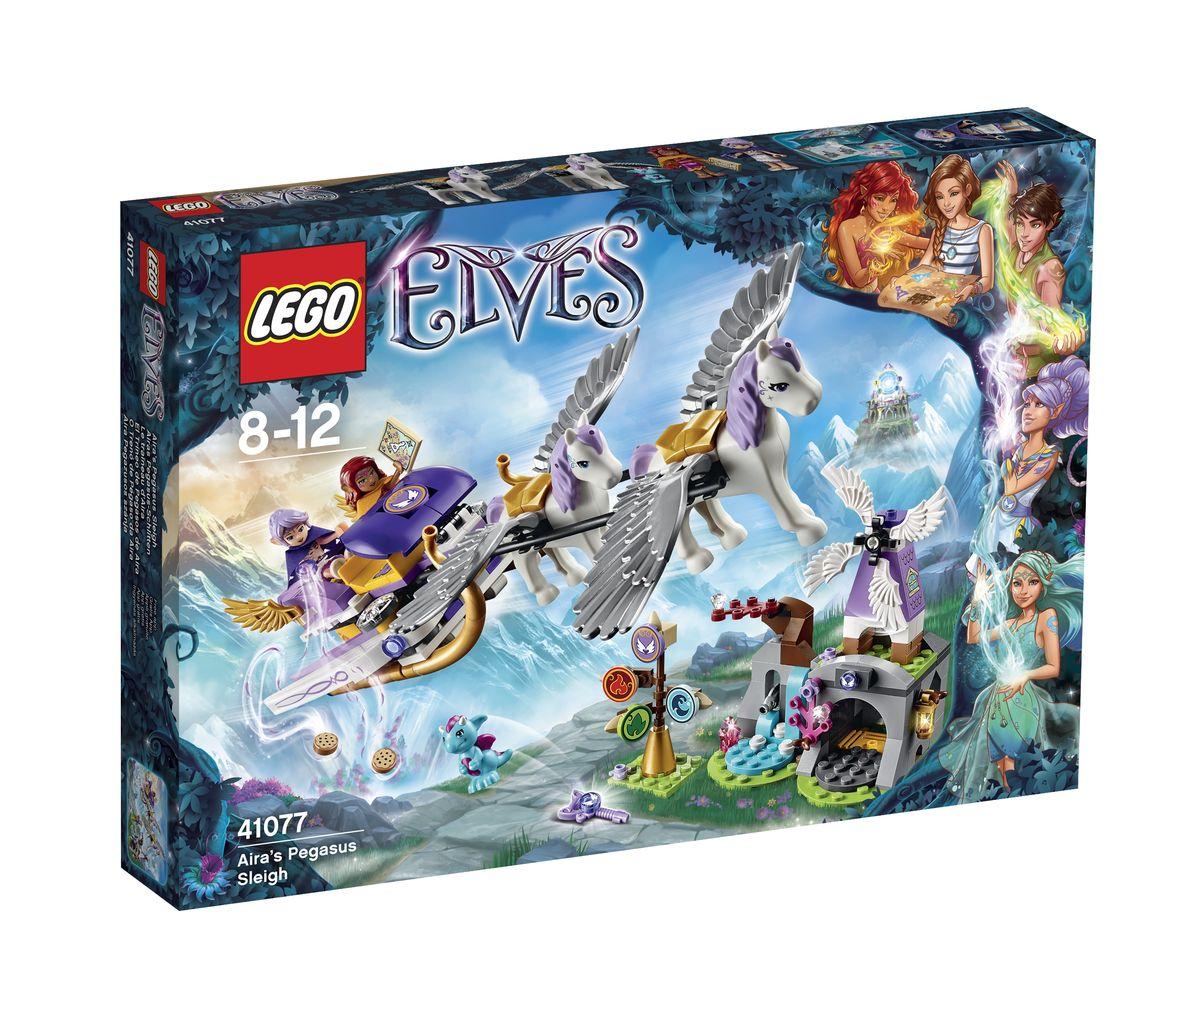 LEGO Elves Конструктор Летающие сани Эйры 4107741077Чтобы вернуть Эмили Джонс в мир людей, эльфийки Эйра и Азари должны объединить усилия и добыть четвертый ключ Стихий. Вместе, волшебницы решили отправиться в далекое путешествие туда, где вершины гор встречаются с небом, и где живут самые настоящие драконы. Но добраться до драконьего царства нелегко! Для этого понадобятся удивительные летающие сани, запряженные сказочными пегасами. Корпус саней выполнен из фиолетово-белых деталей с добавлением золотых элементов. Внутри видны два посадочных места, расположенных друг за другом. По бокам установлены складные длинные крылья и подвижные малые крылышки. Под днищем закреплены изогнутые полозья. Сзади расположена площадка для сундука, в котором можно перевозить, продукты, карту или добытый ключ. Также из деталей набора LEGO 41077 вы сможете построить дом дракончика Мику, состоящий из нескольких частей. Справа располагается небольшой водопад с рыбками и чудесными кристаллами, а слева - глубокая пещера с мельницей, фонарем и тайником....